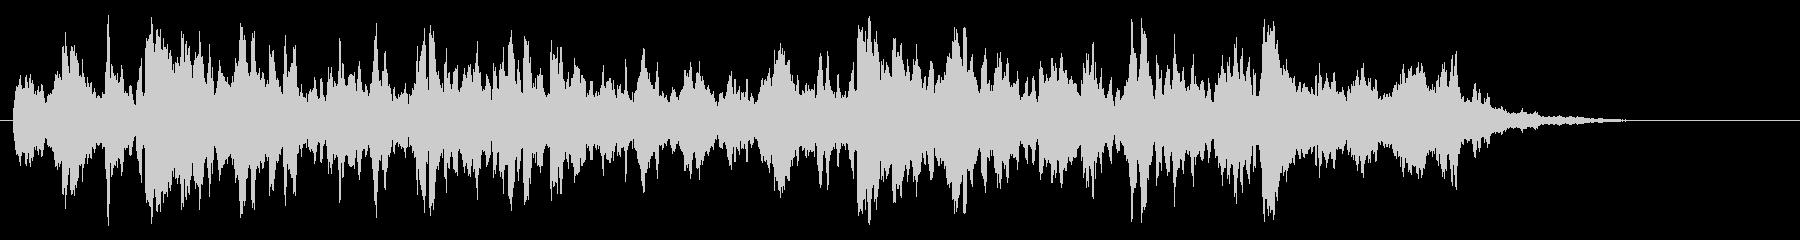 ムーディーなクリーン・ギターAORの未再生の波形